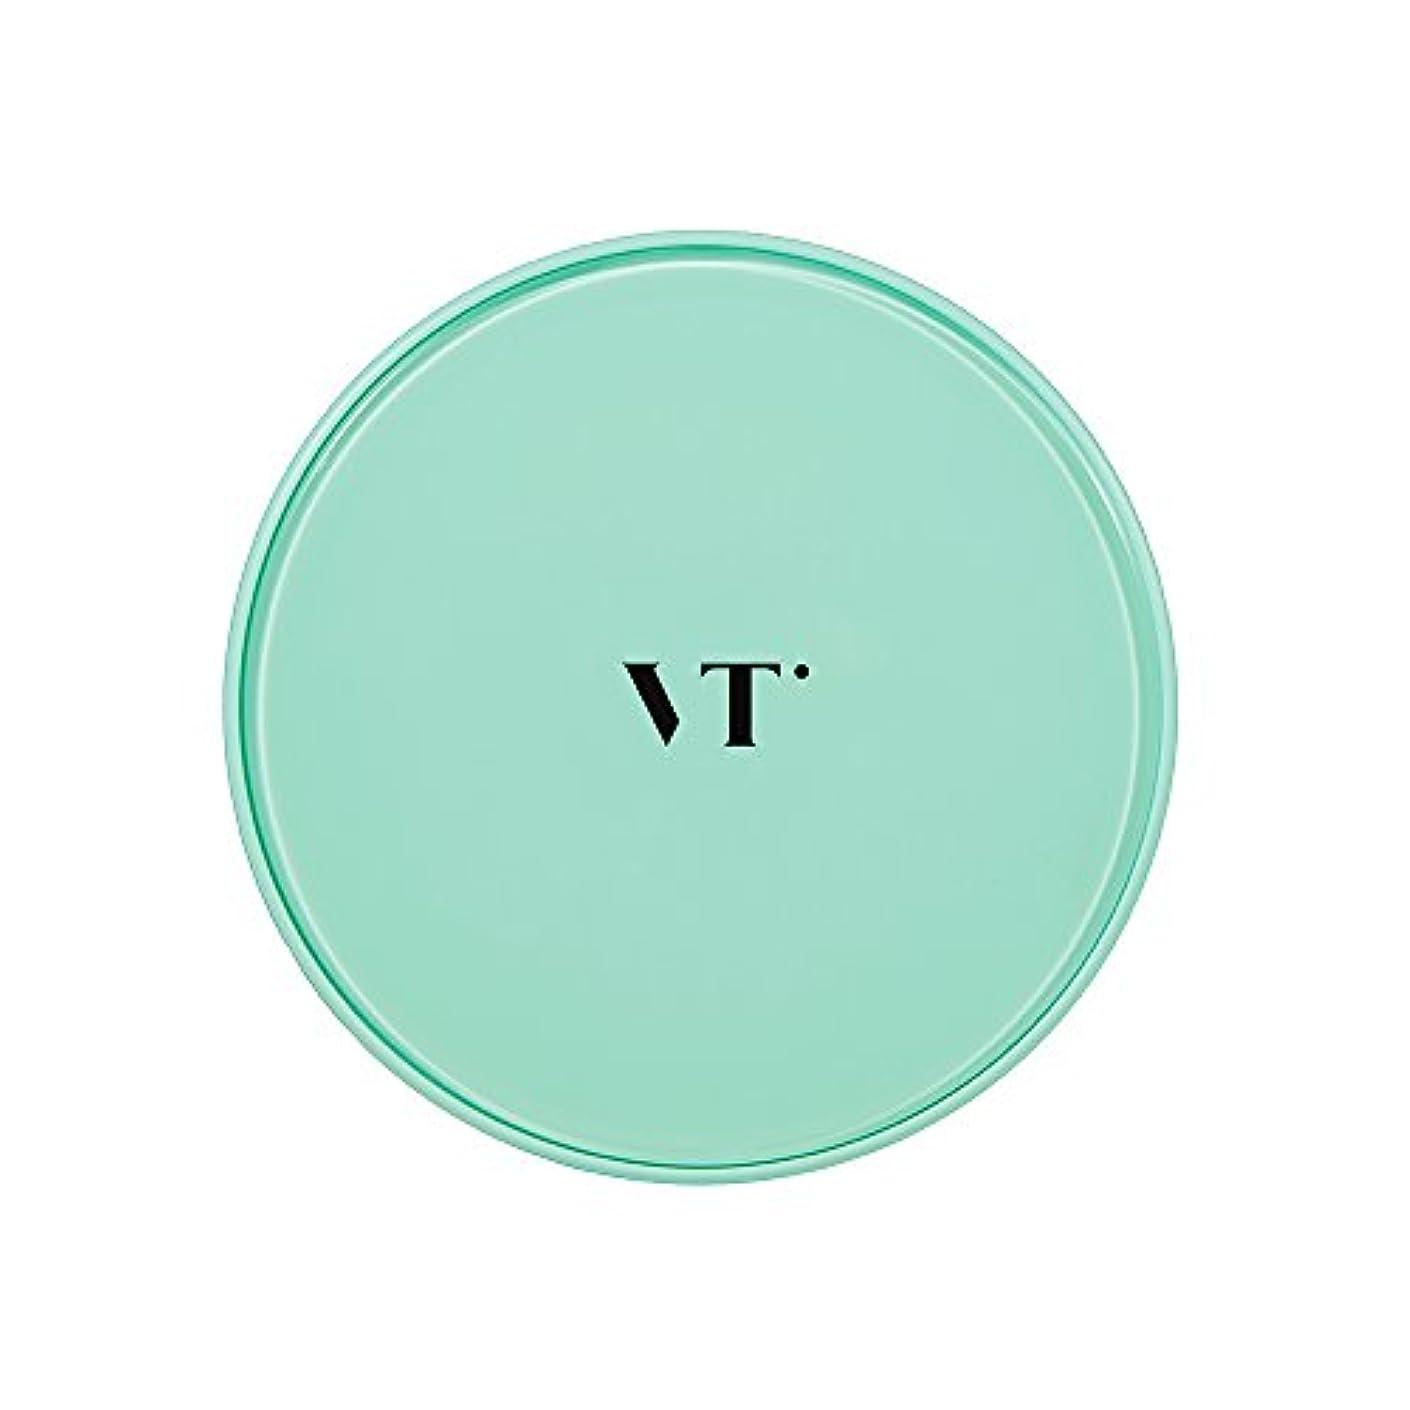 かご本質的ではない腹痛VT フィト立ったクッション SPF50+ PA++++ 11g/VT Phyto Sun Cushion [並行輸入品]